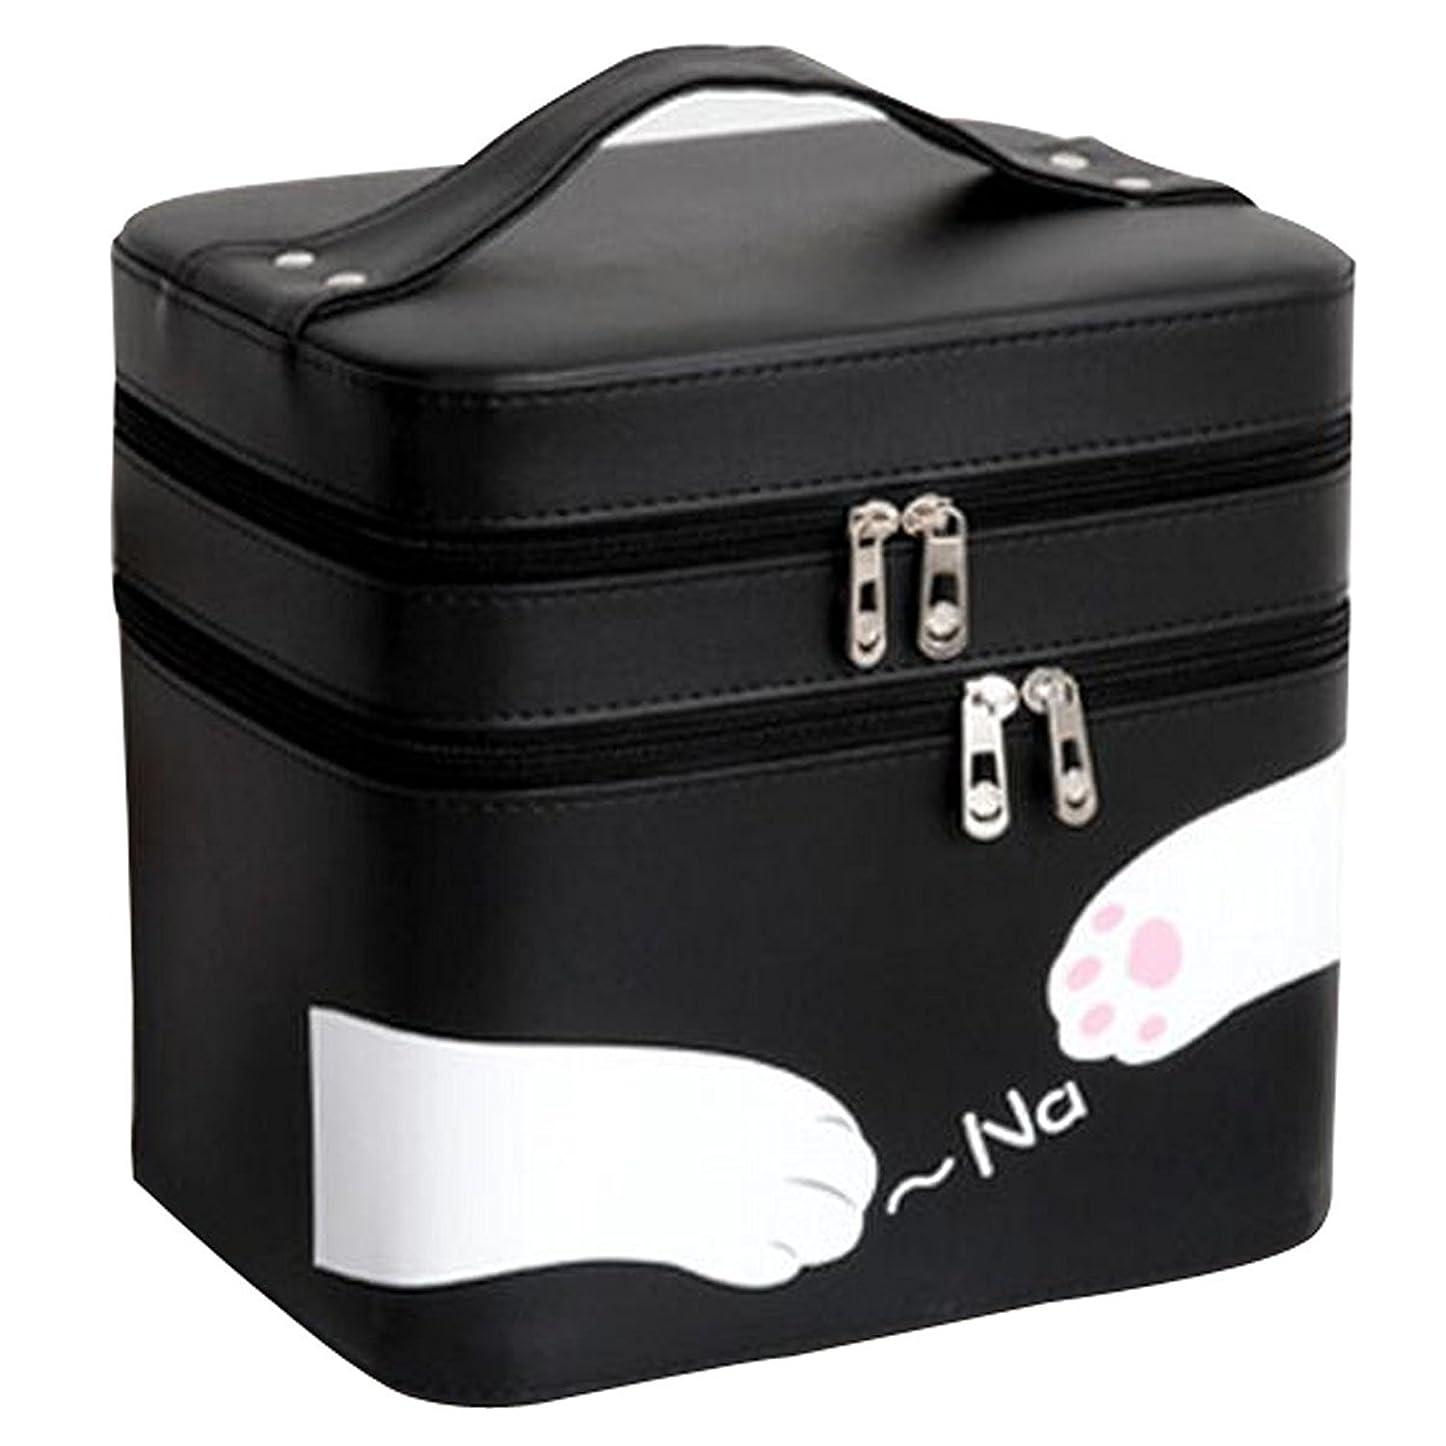 刺繍図排泄するFYX 化粧品収納 収納ケース コスメボックス メイク用品収納 小物入れ 大容量 取っ手付 ミラー付き 携帯に便利  カワイイネコ 3段タイプ (ブラック)